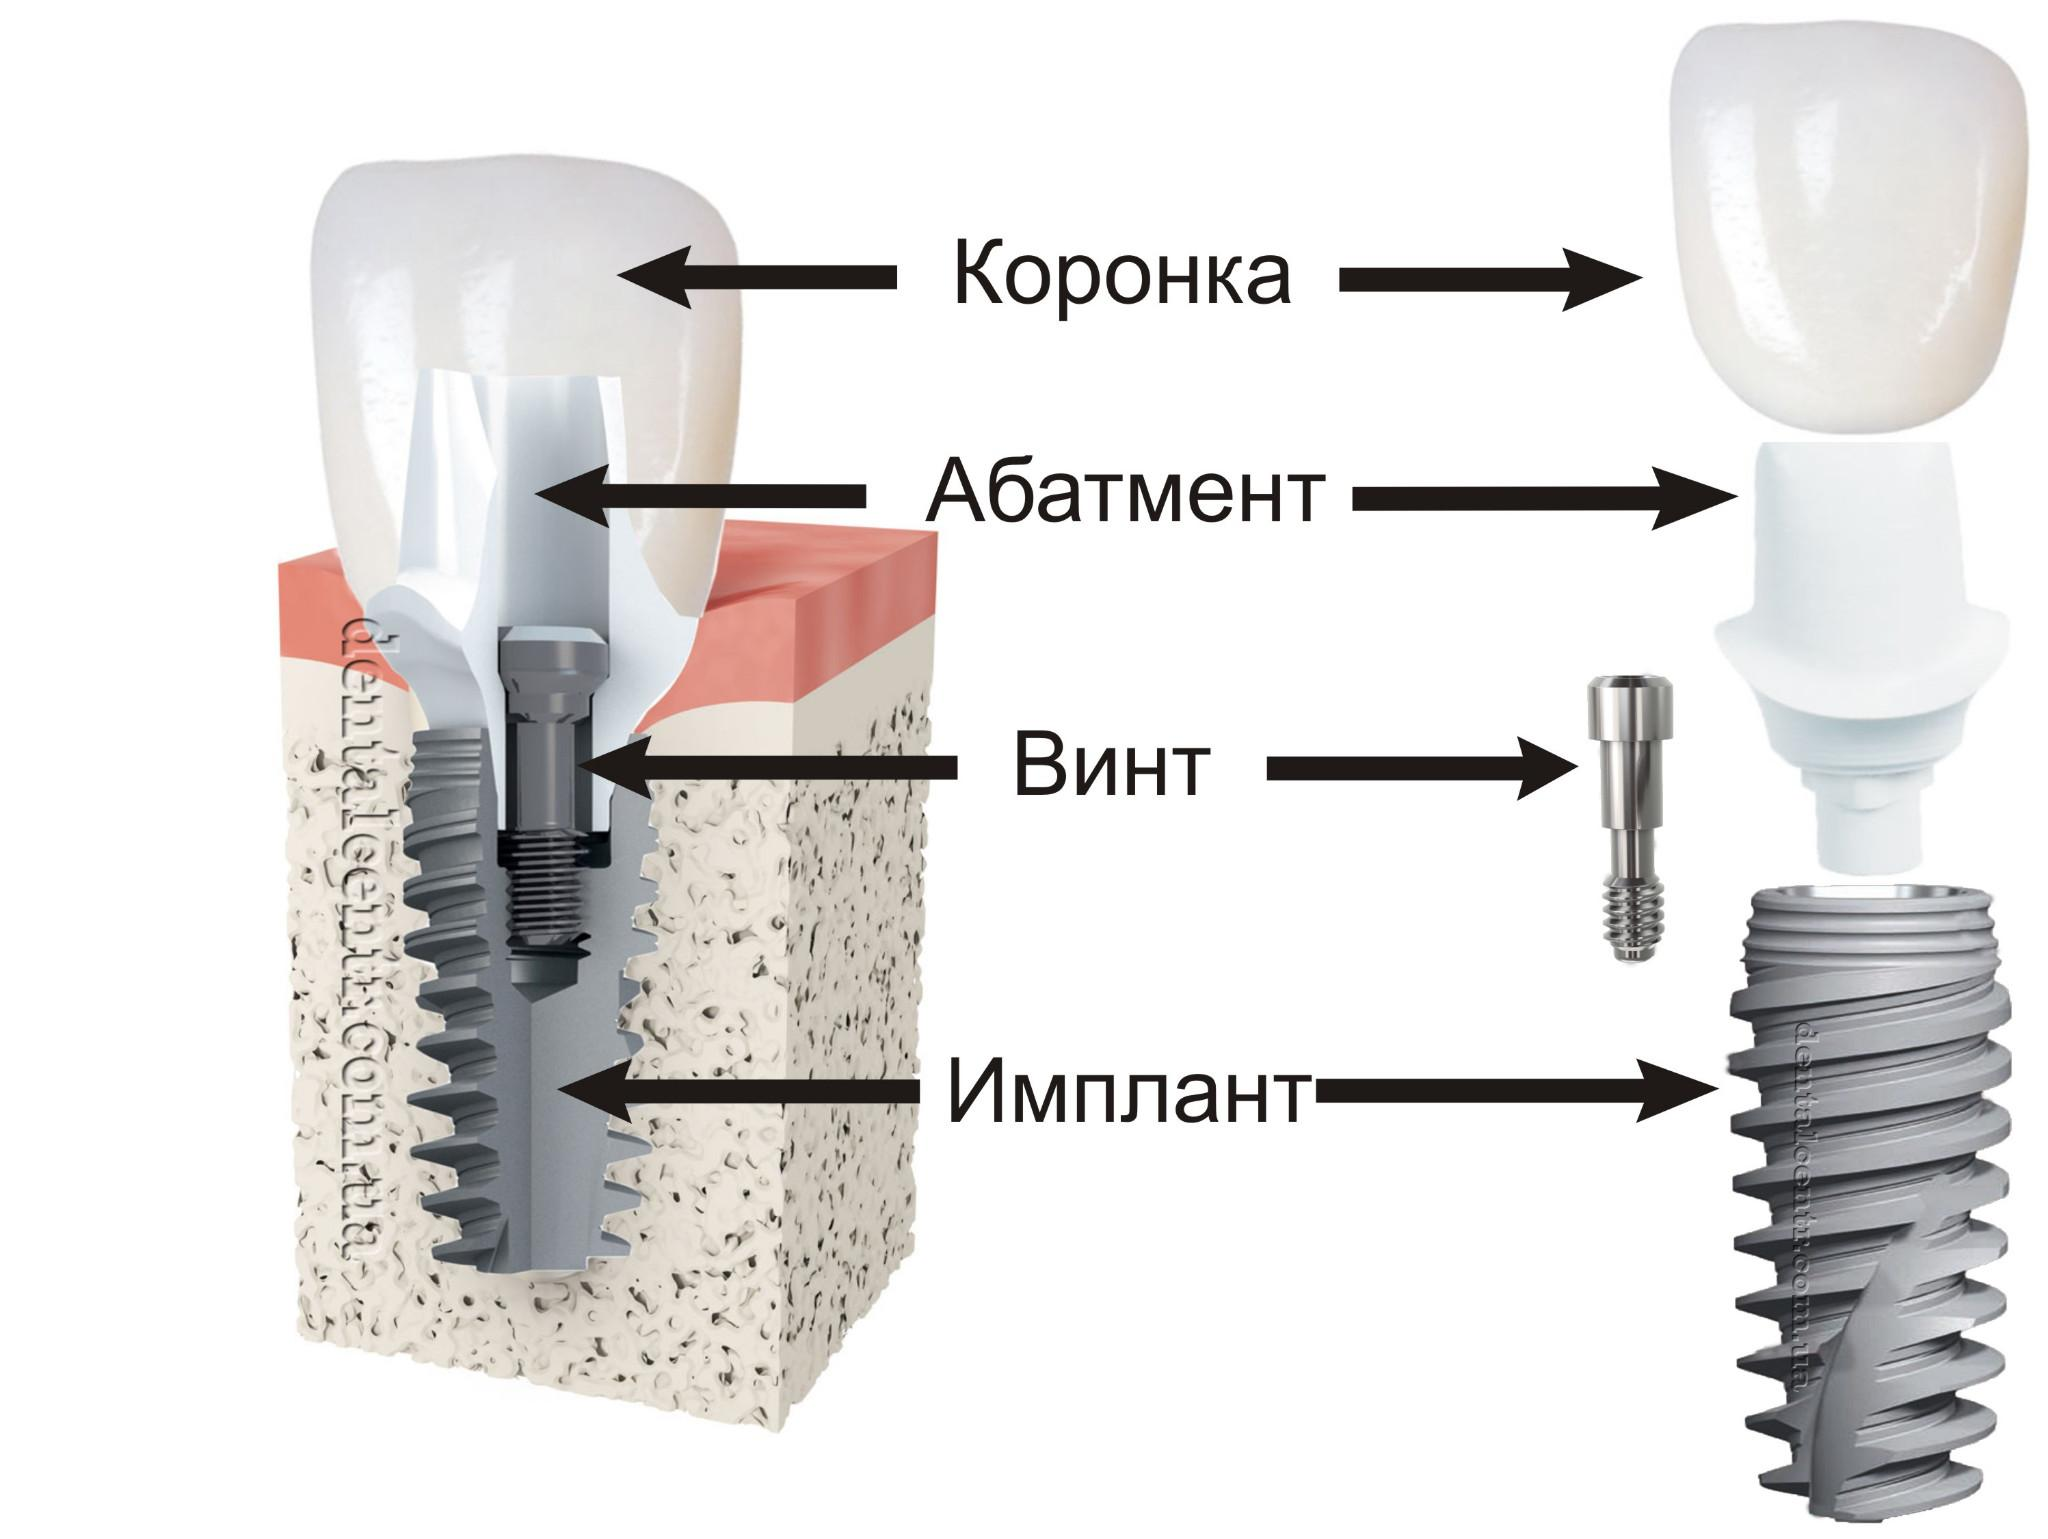 Рисунок структуры зубных имплантов